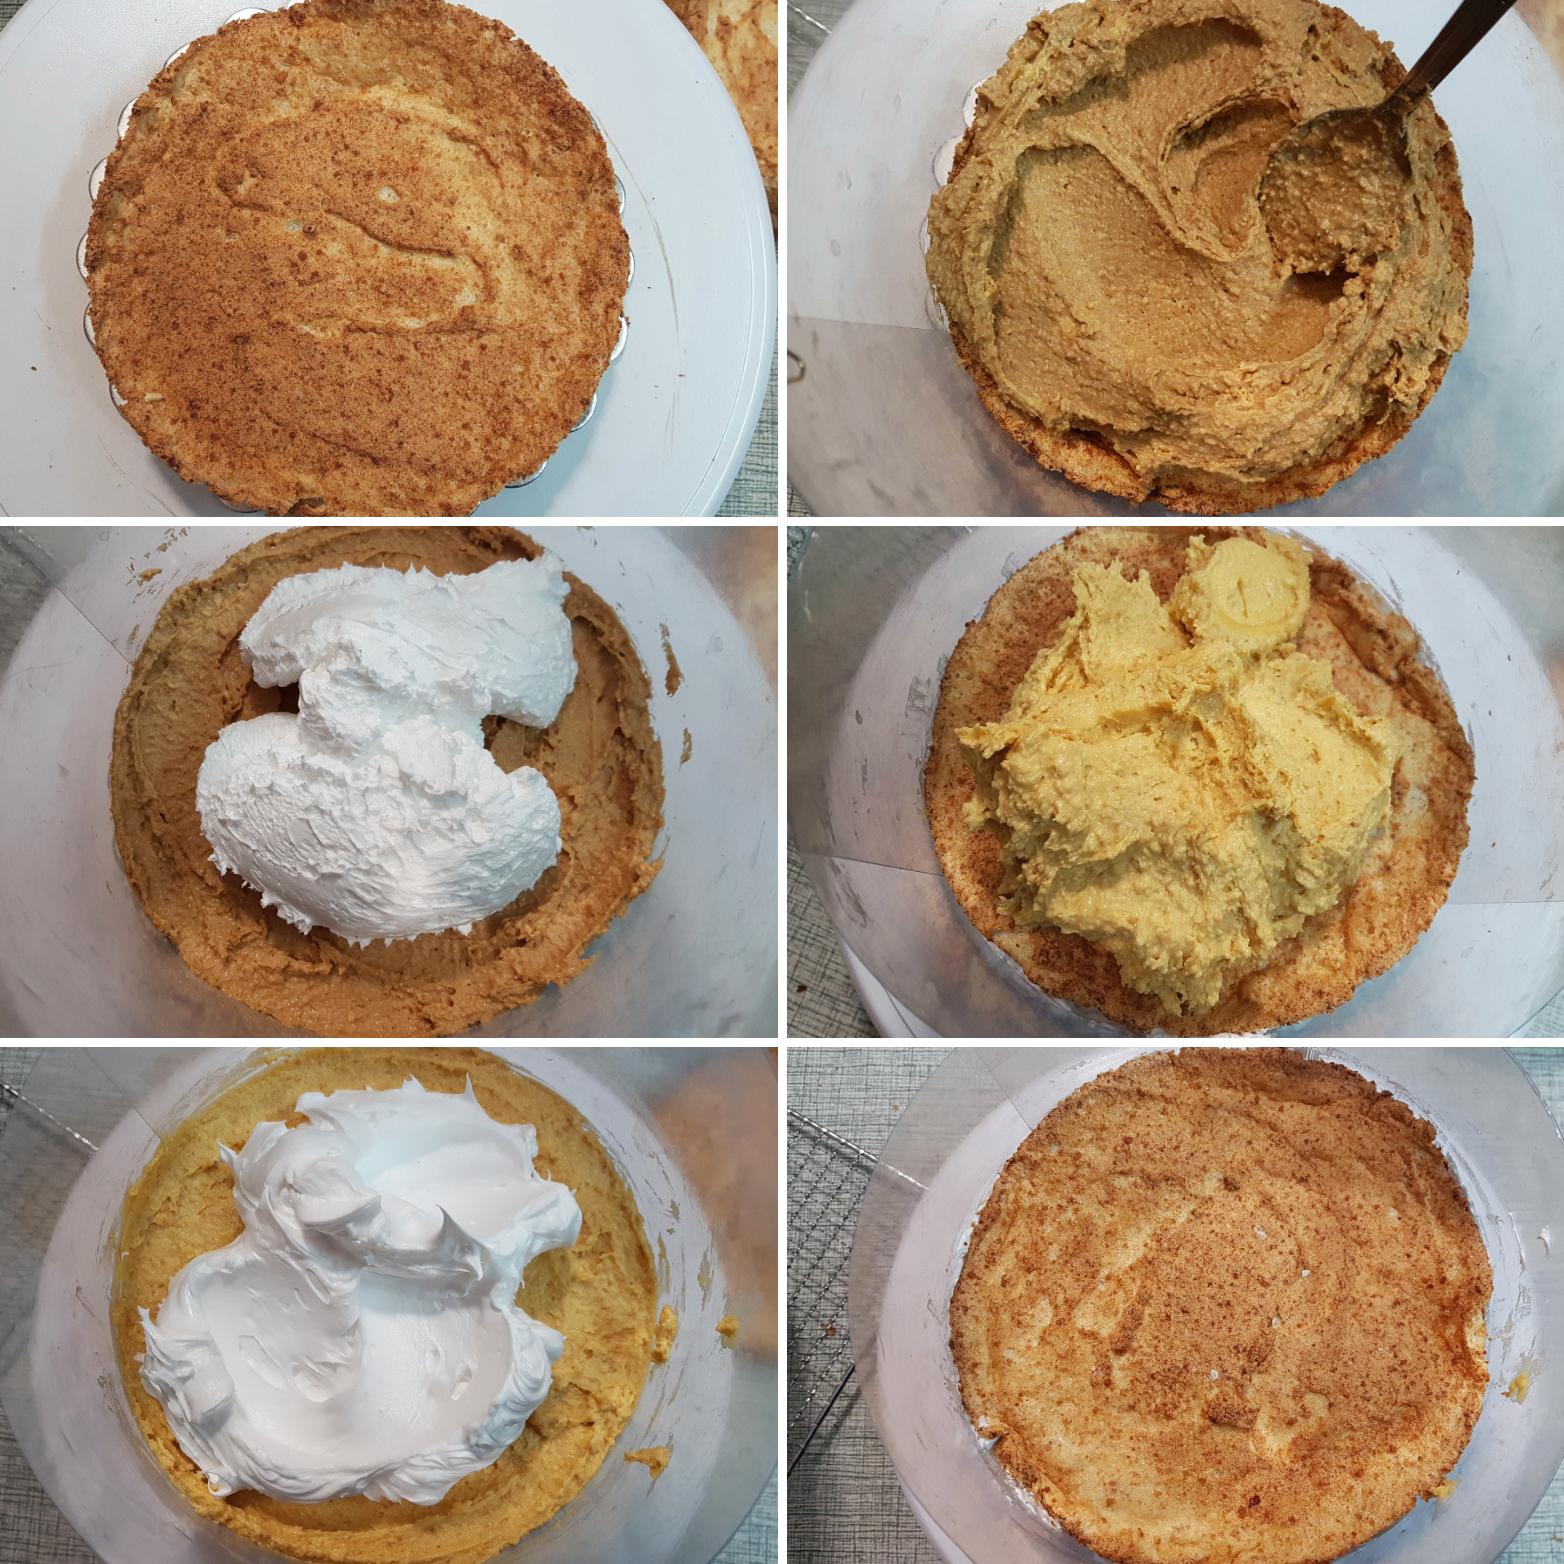 Plazma-noisette-torta-8